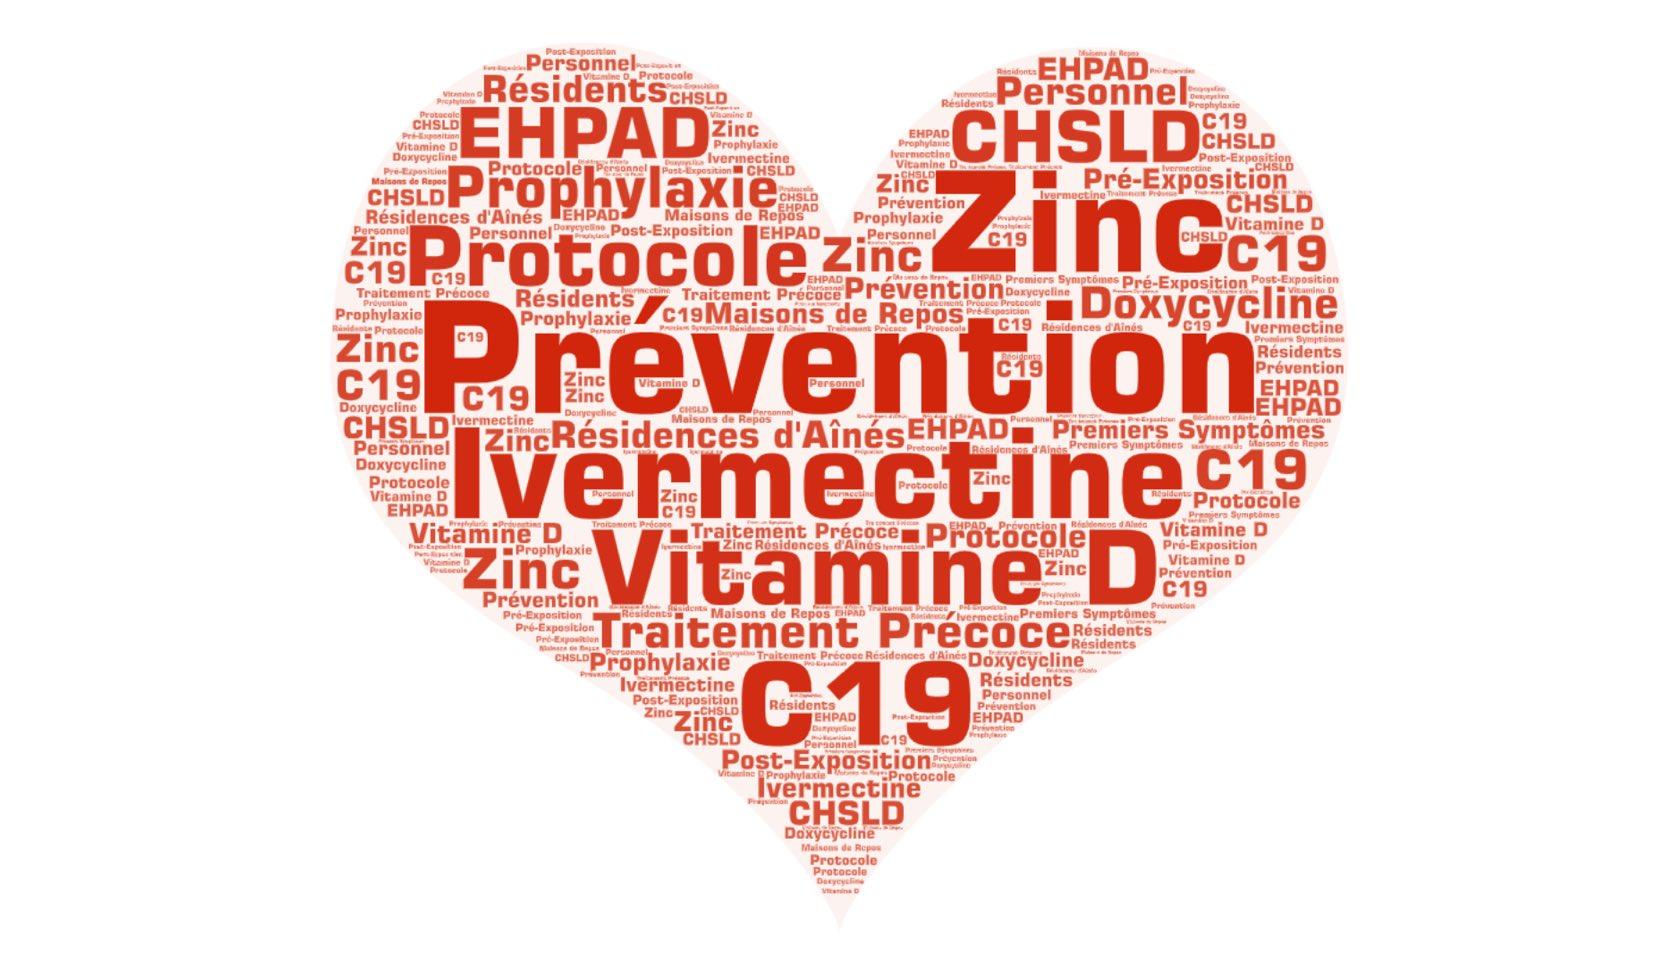 Un protocole pour la prévention et le traitement précoce du C19 dans les résidences pour aînés